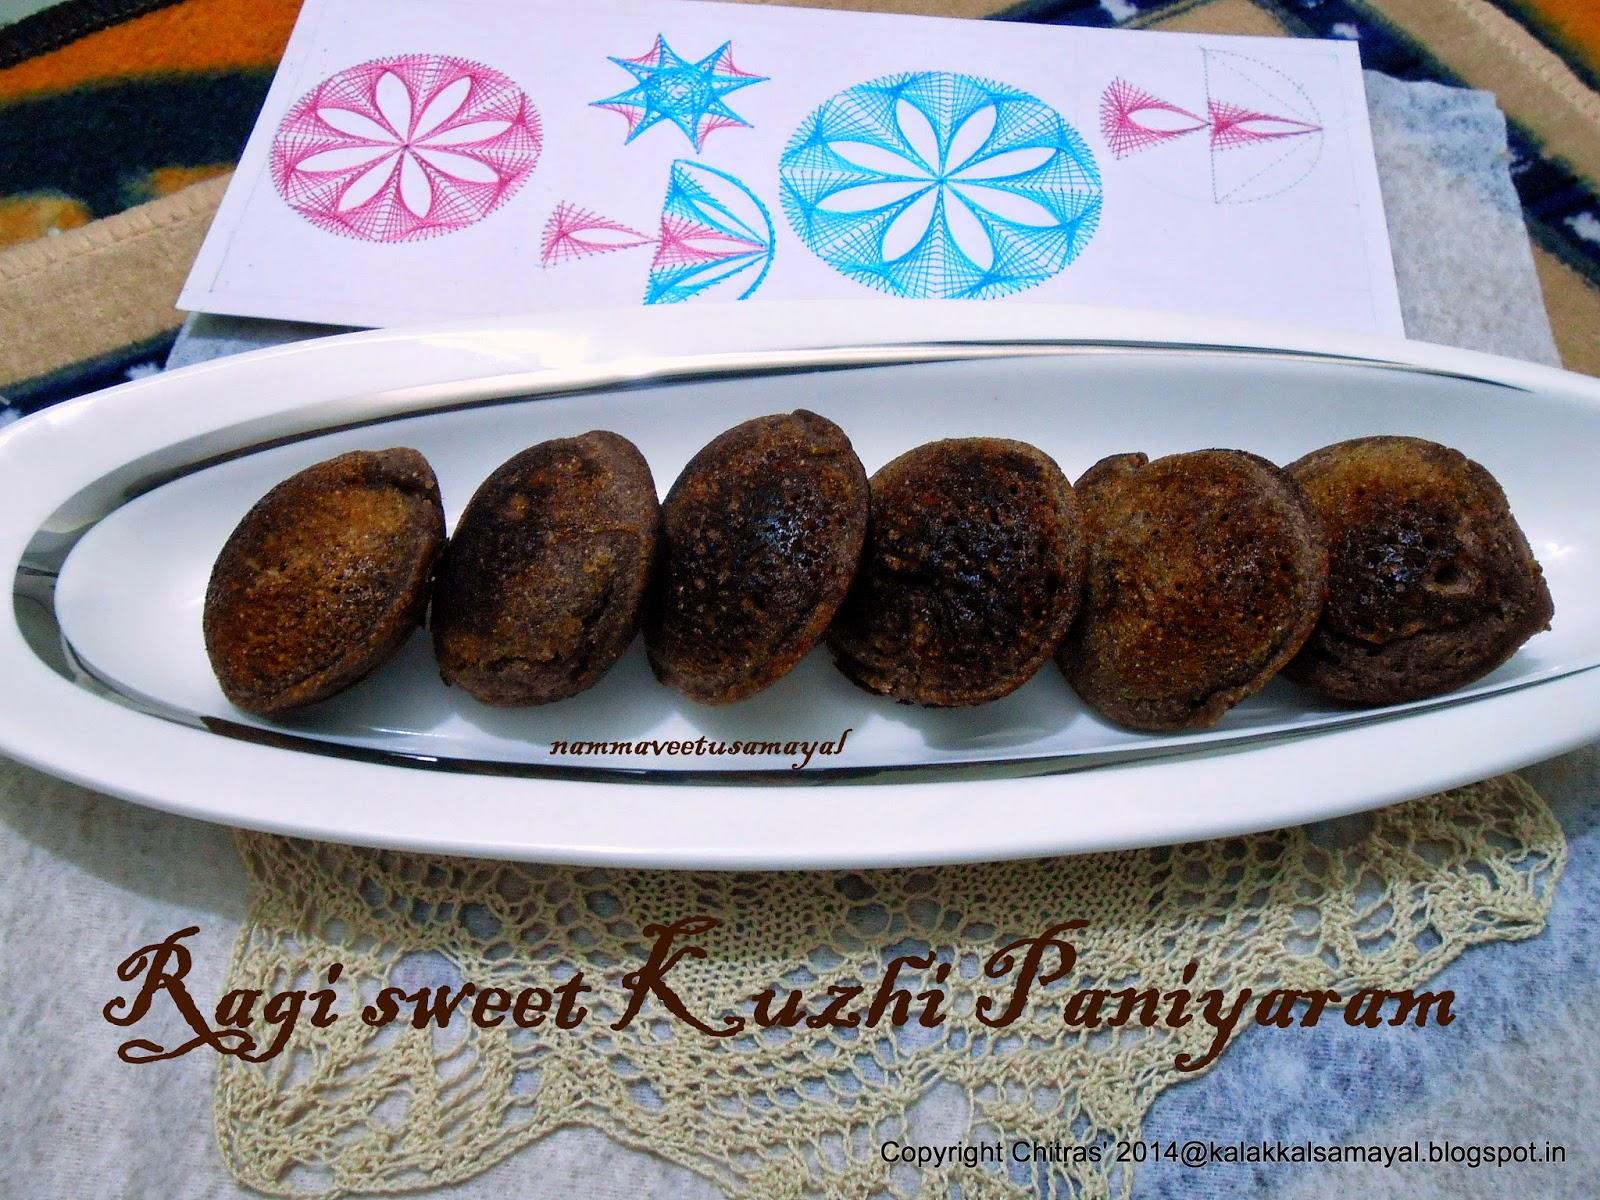 Kezhvaragu Inippu Kuzhi Paniyaram [ Ragi Sweet Paniyaram ]